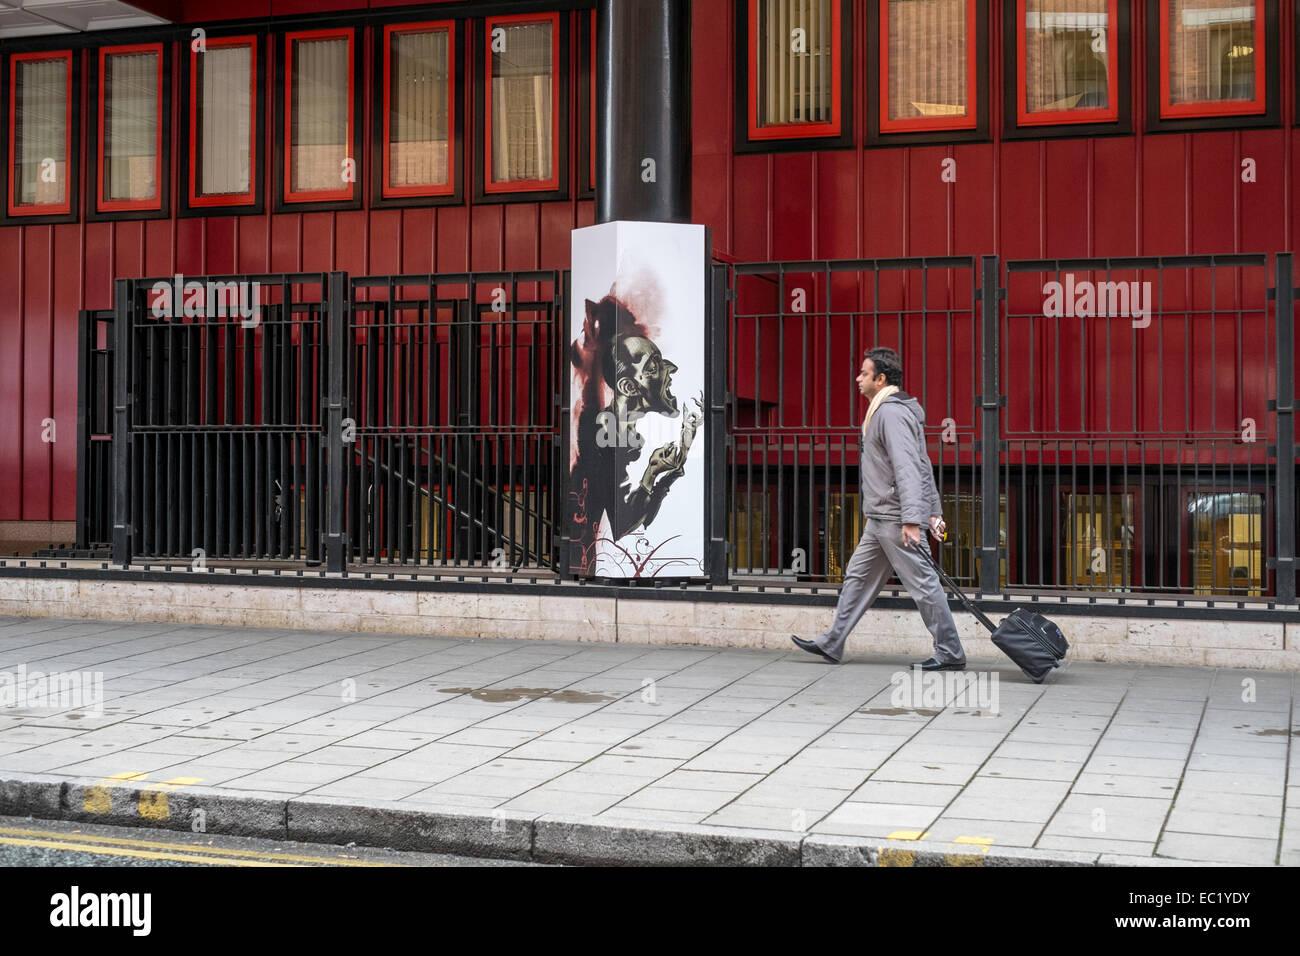 UK London Kings Cross homme marche de trottoir Banque D'Images